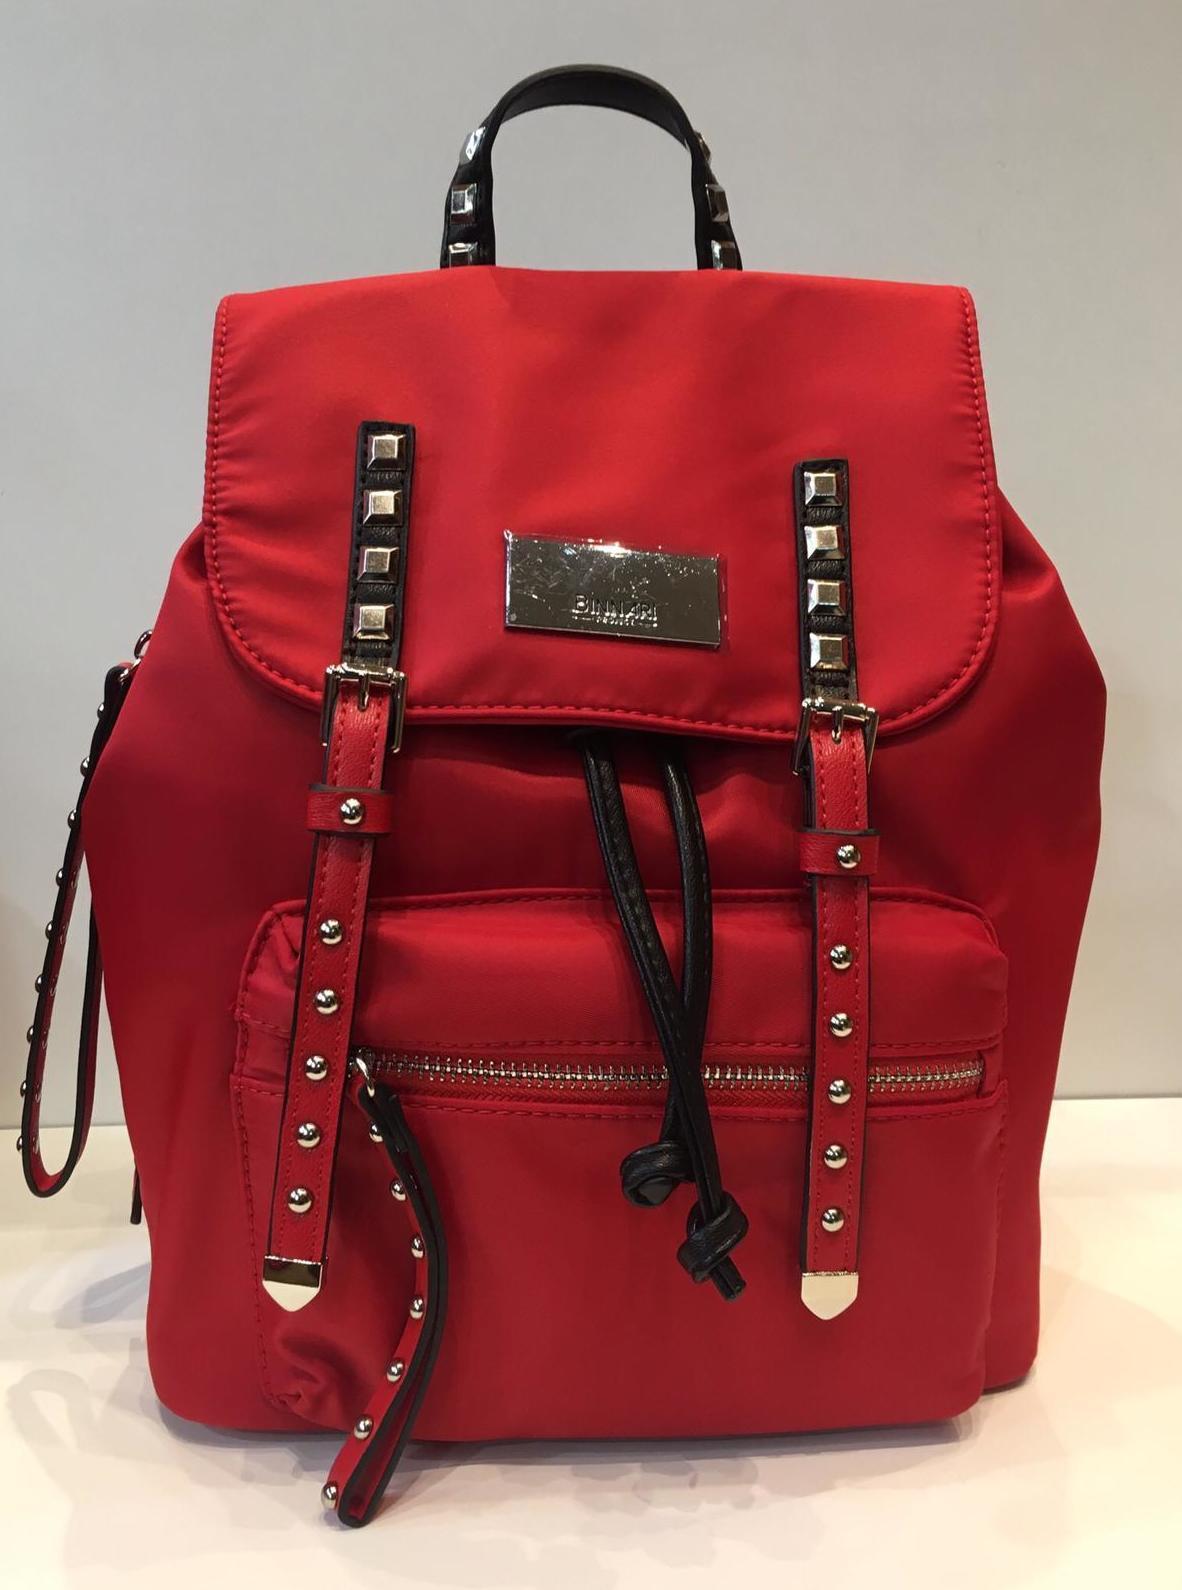 mochila roja marca Binnari